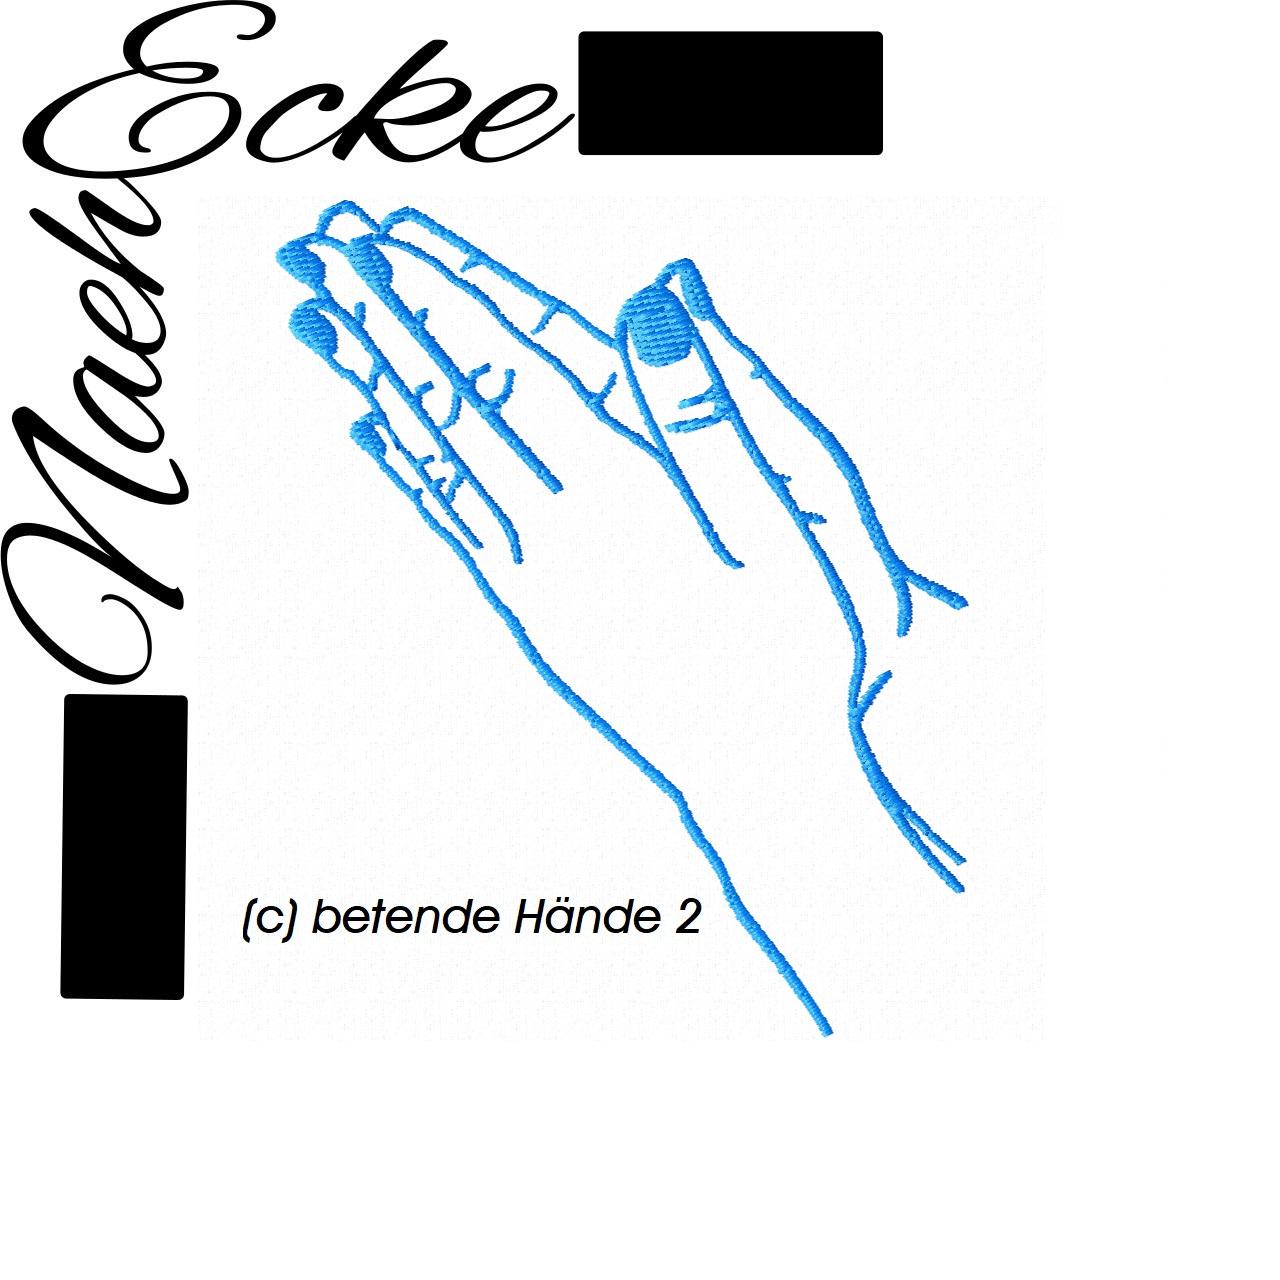 betende Hände 2